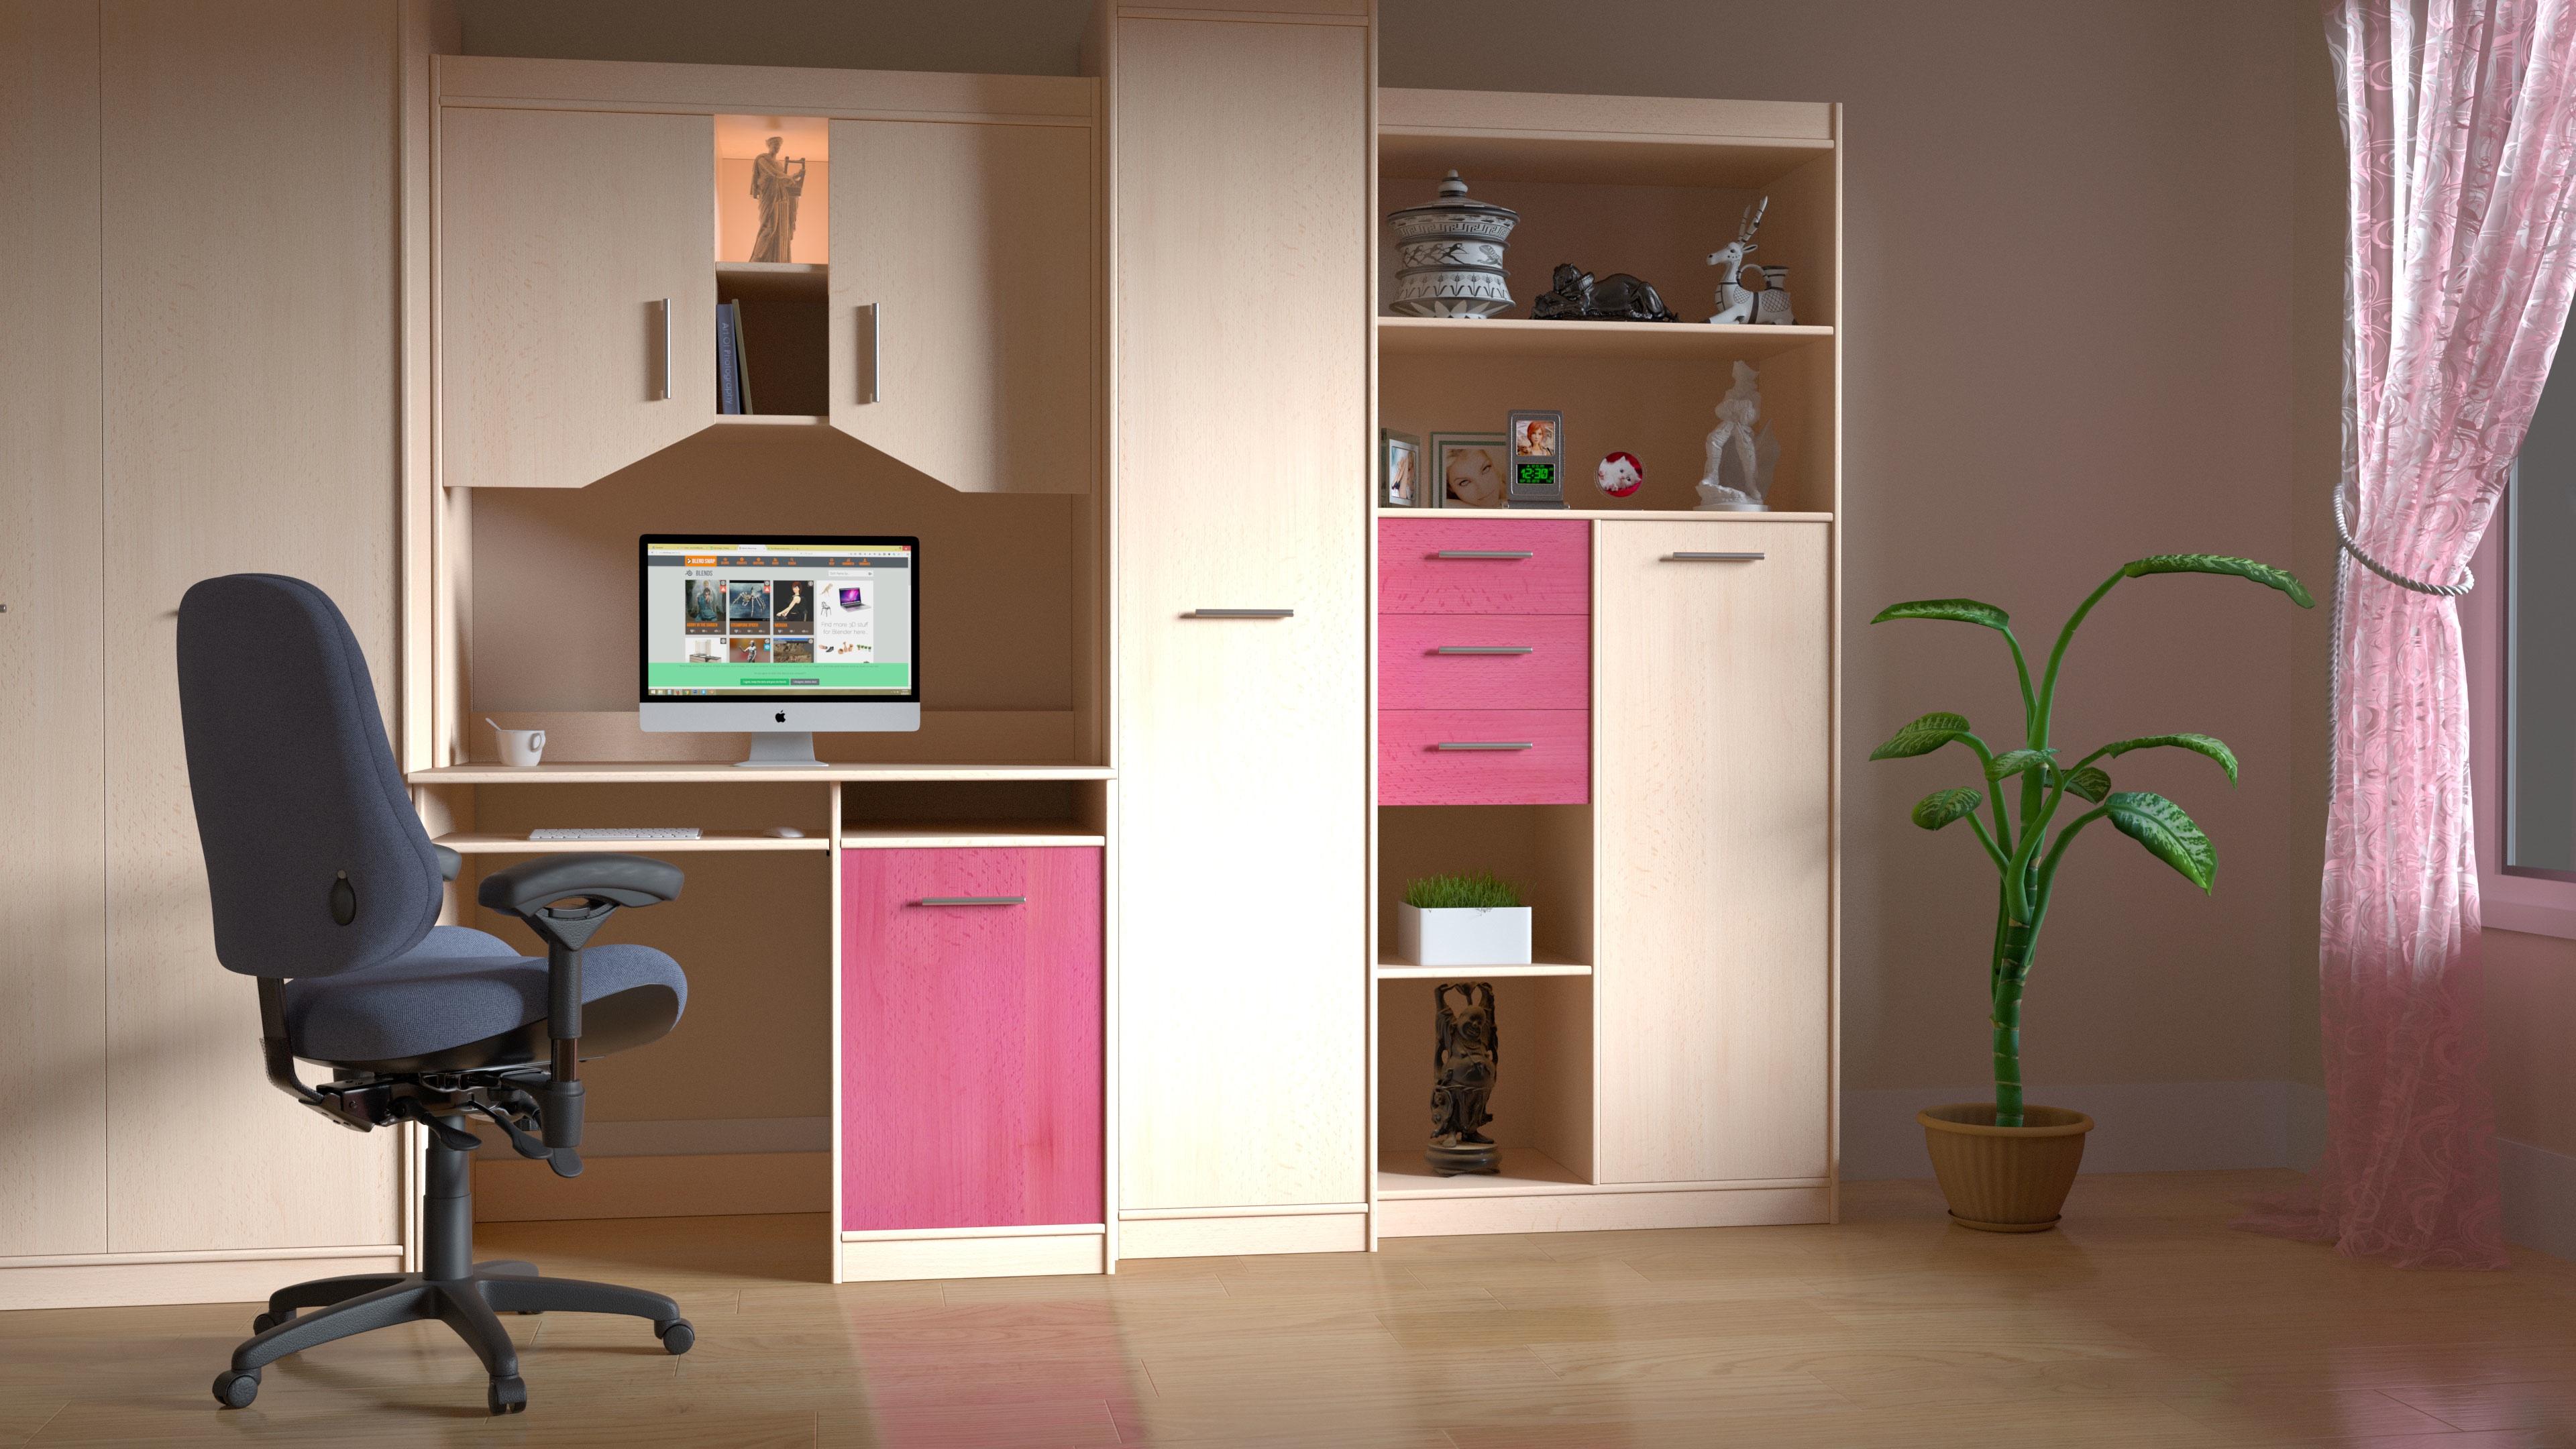 Gratuites bureau maison mur Bureau salon meubles